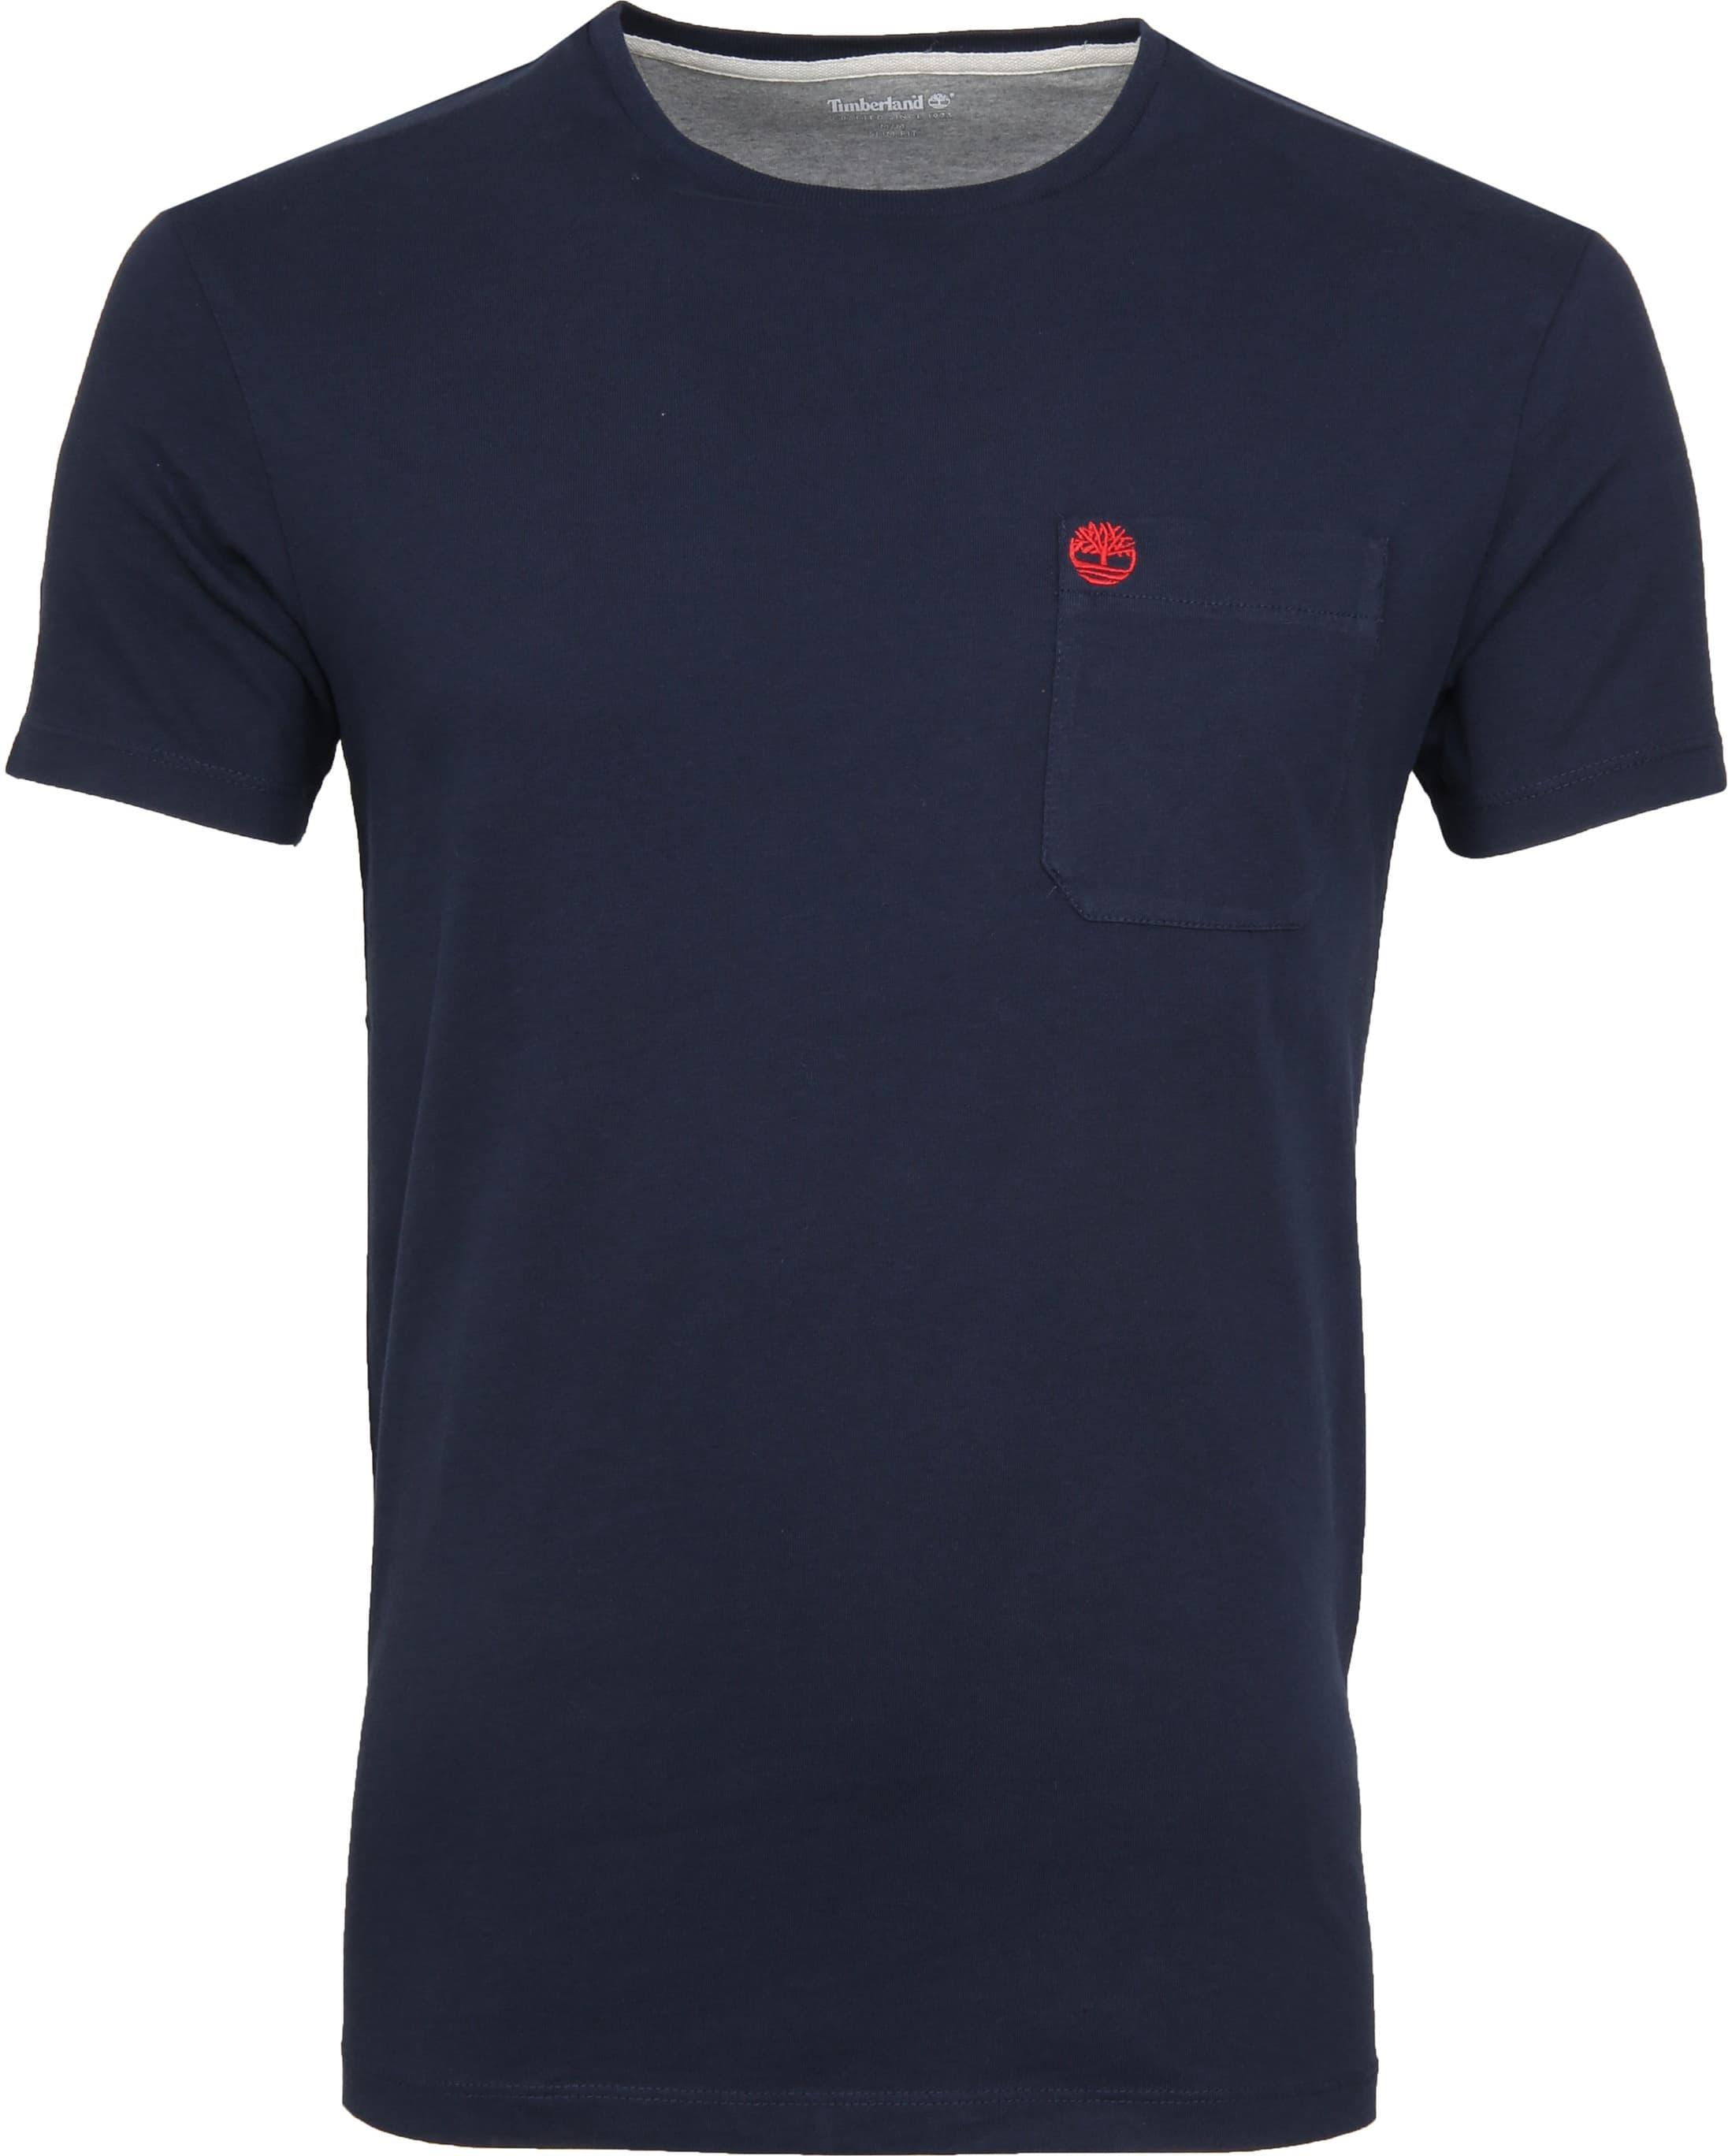 Timberland Dunstan T-shirt Navy foto 0